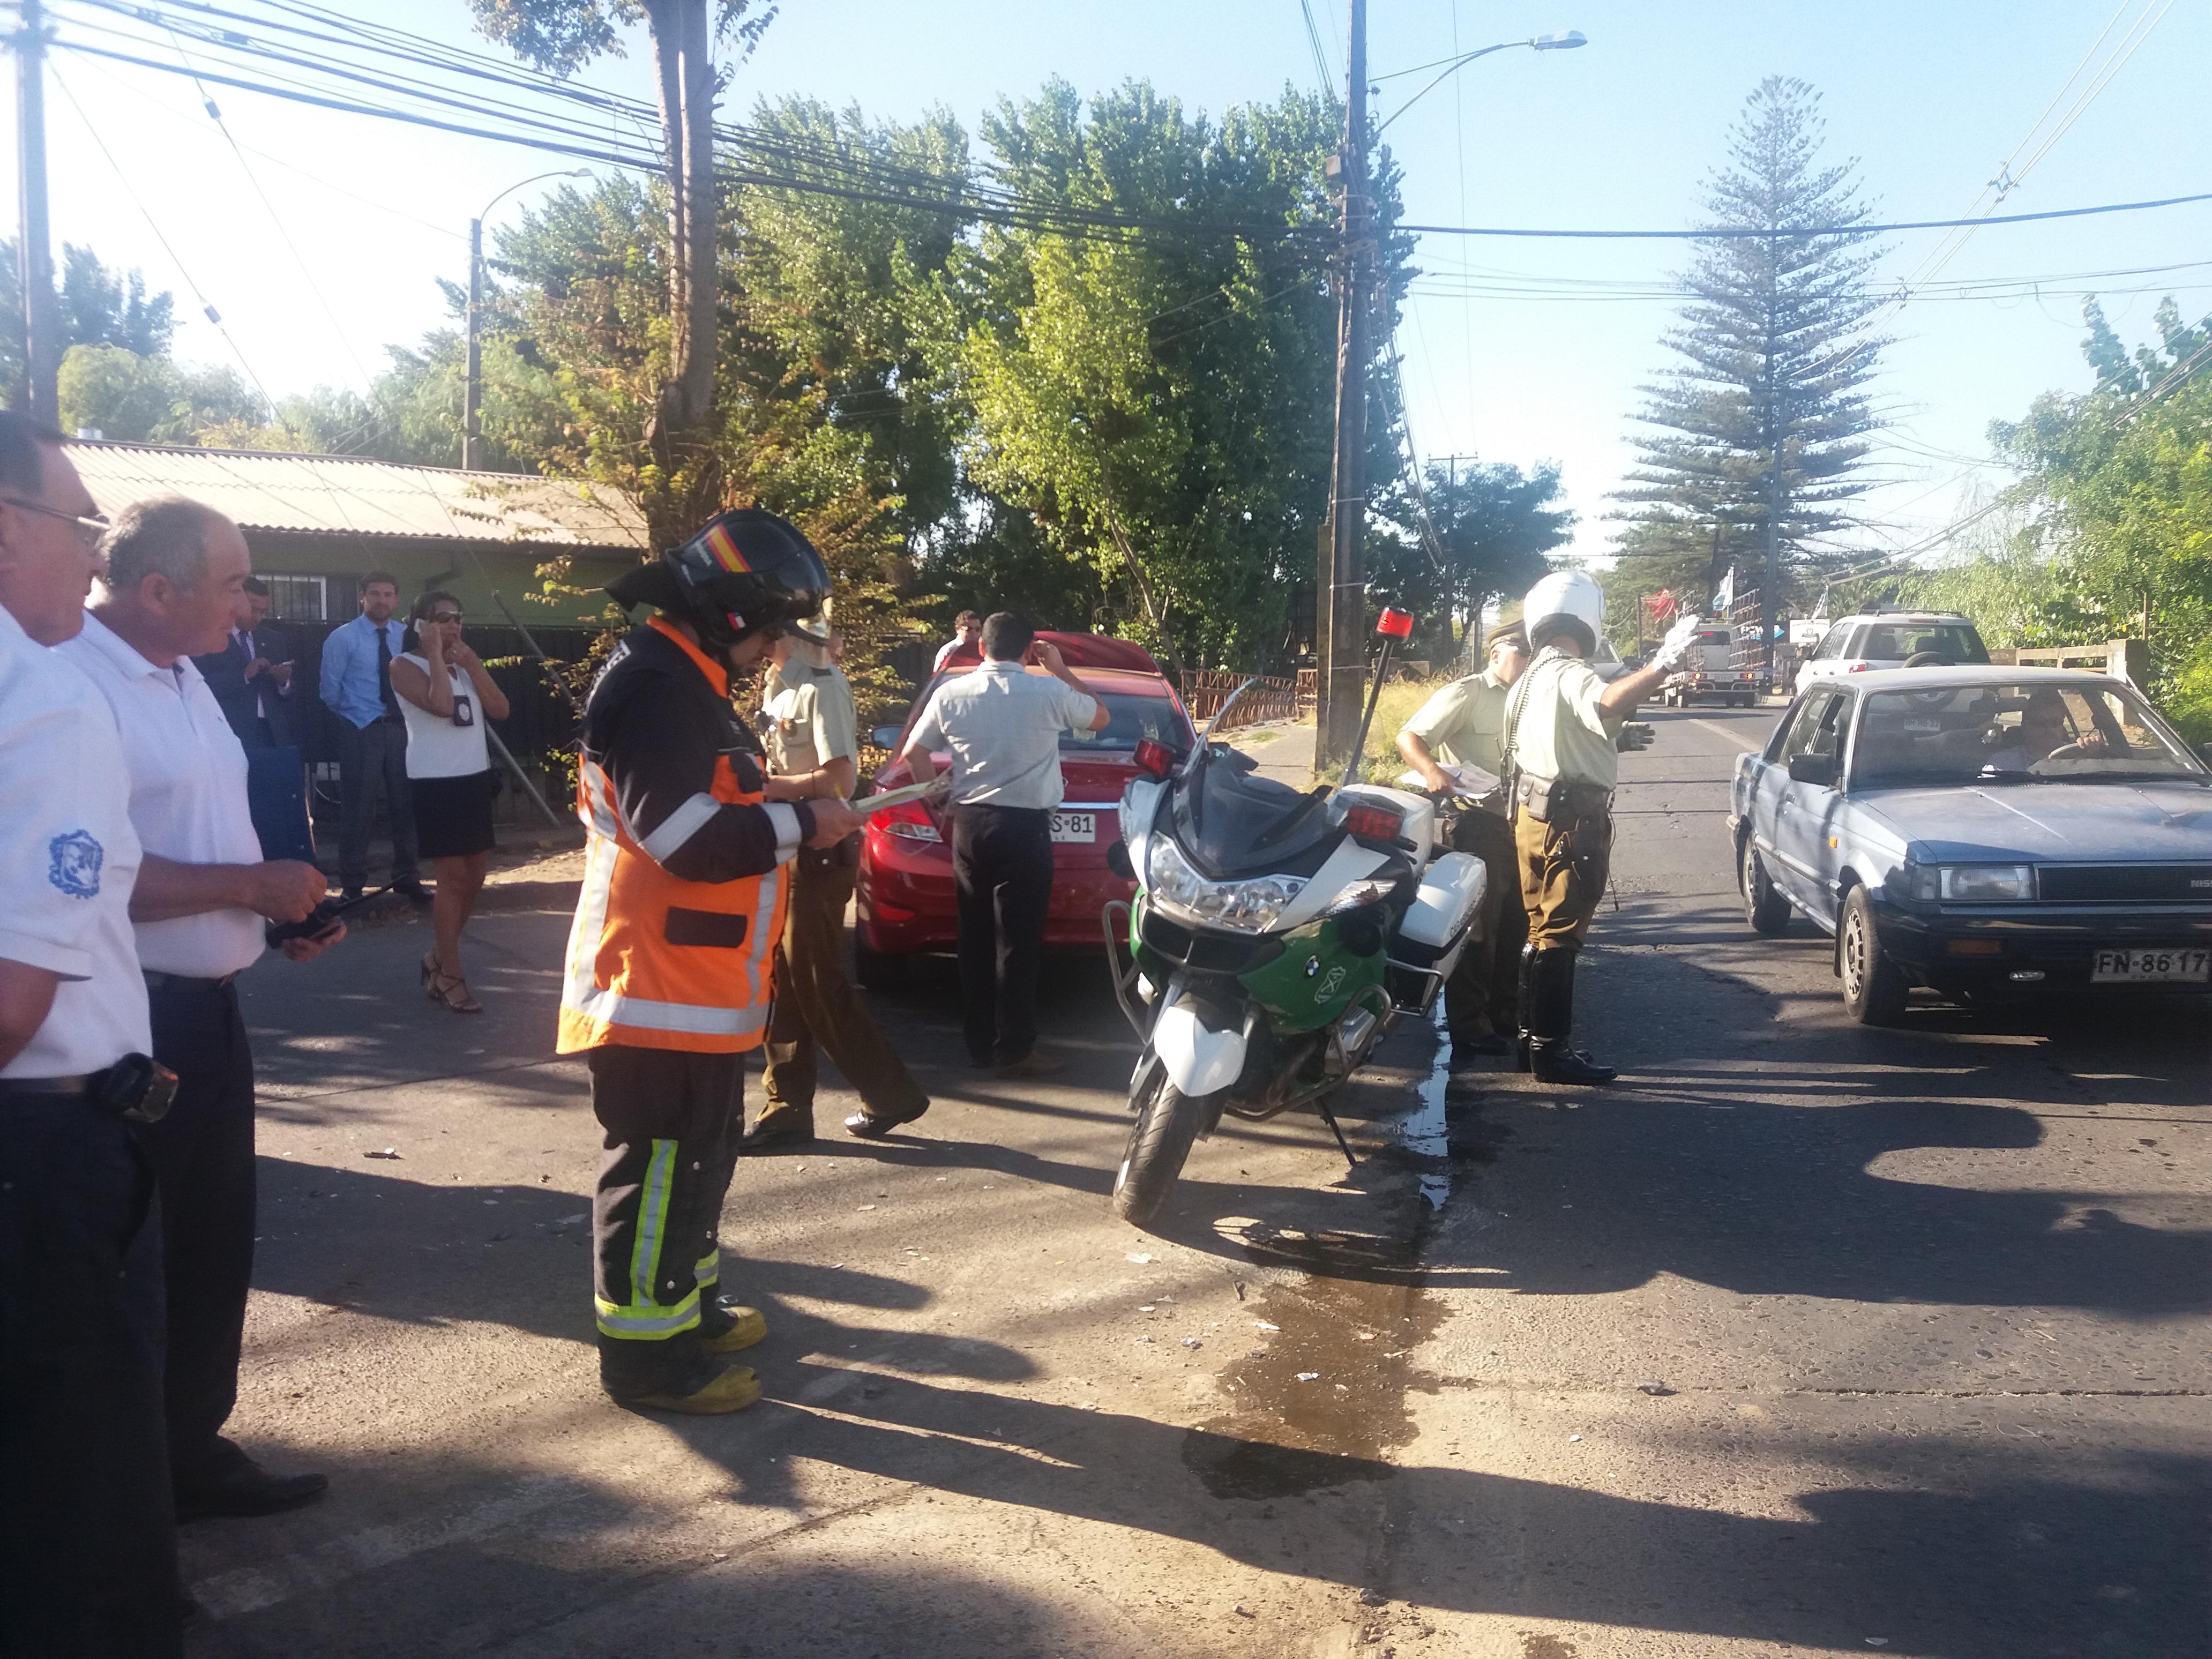 FOTOS: Camioneta colisiona a  vehículo de la PDI  y  deja a un detective lesionado en Talca